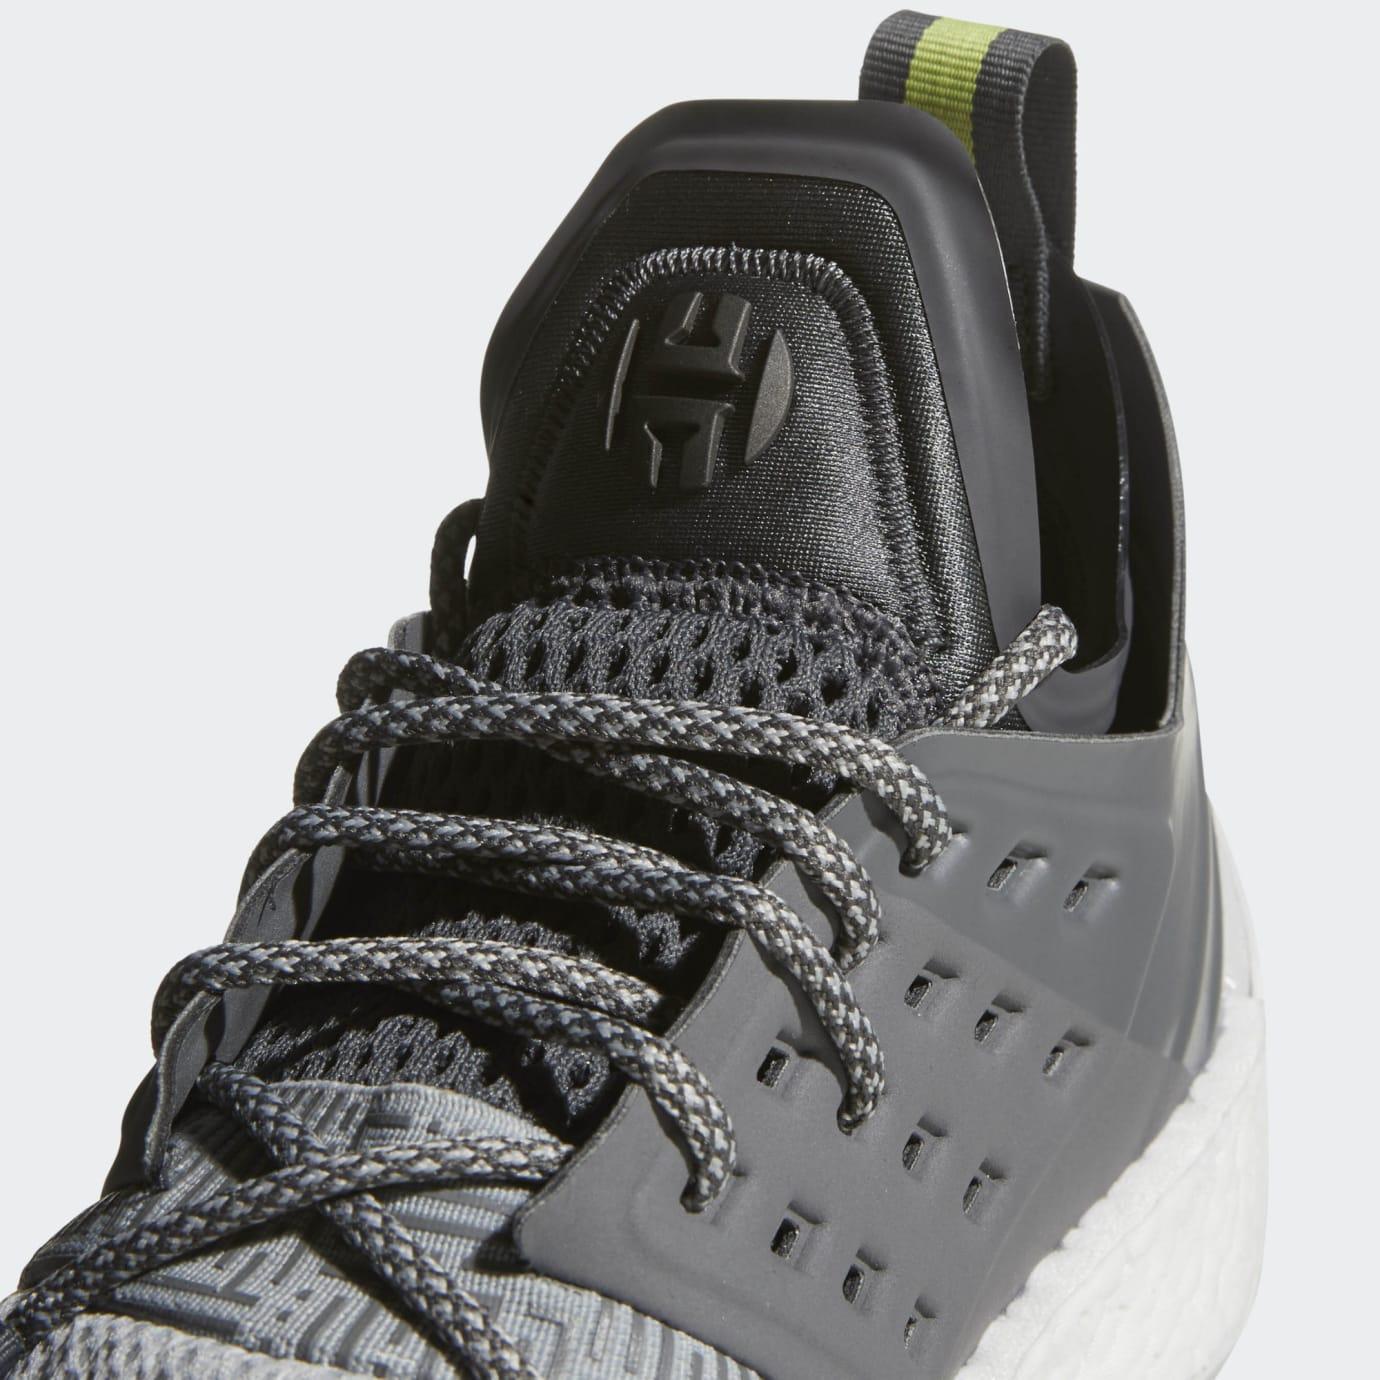 541e0da914a8 Adidas Harden Vol. 2 Concrete Grey Release Date AH2122 Tongue